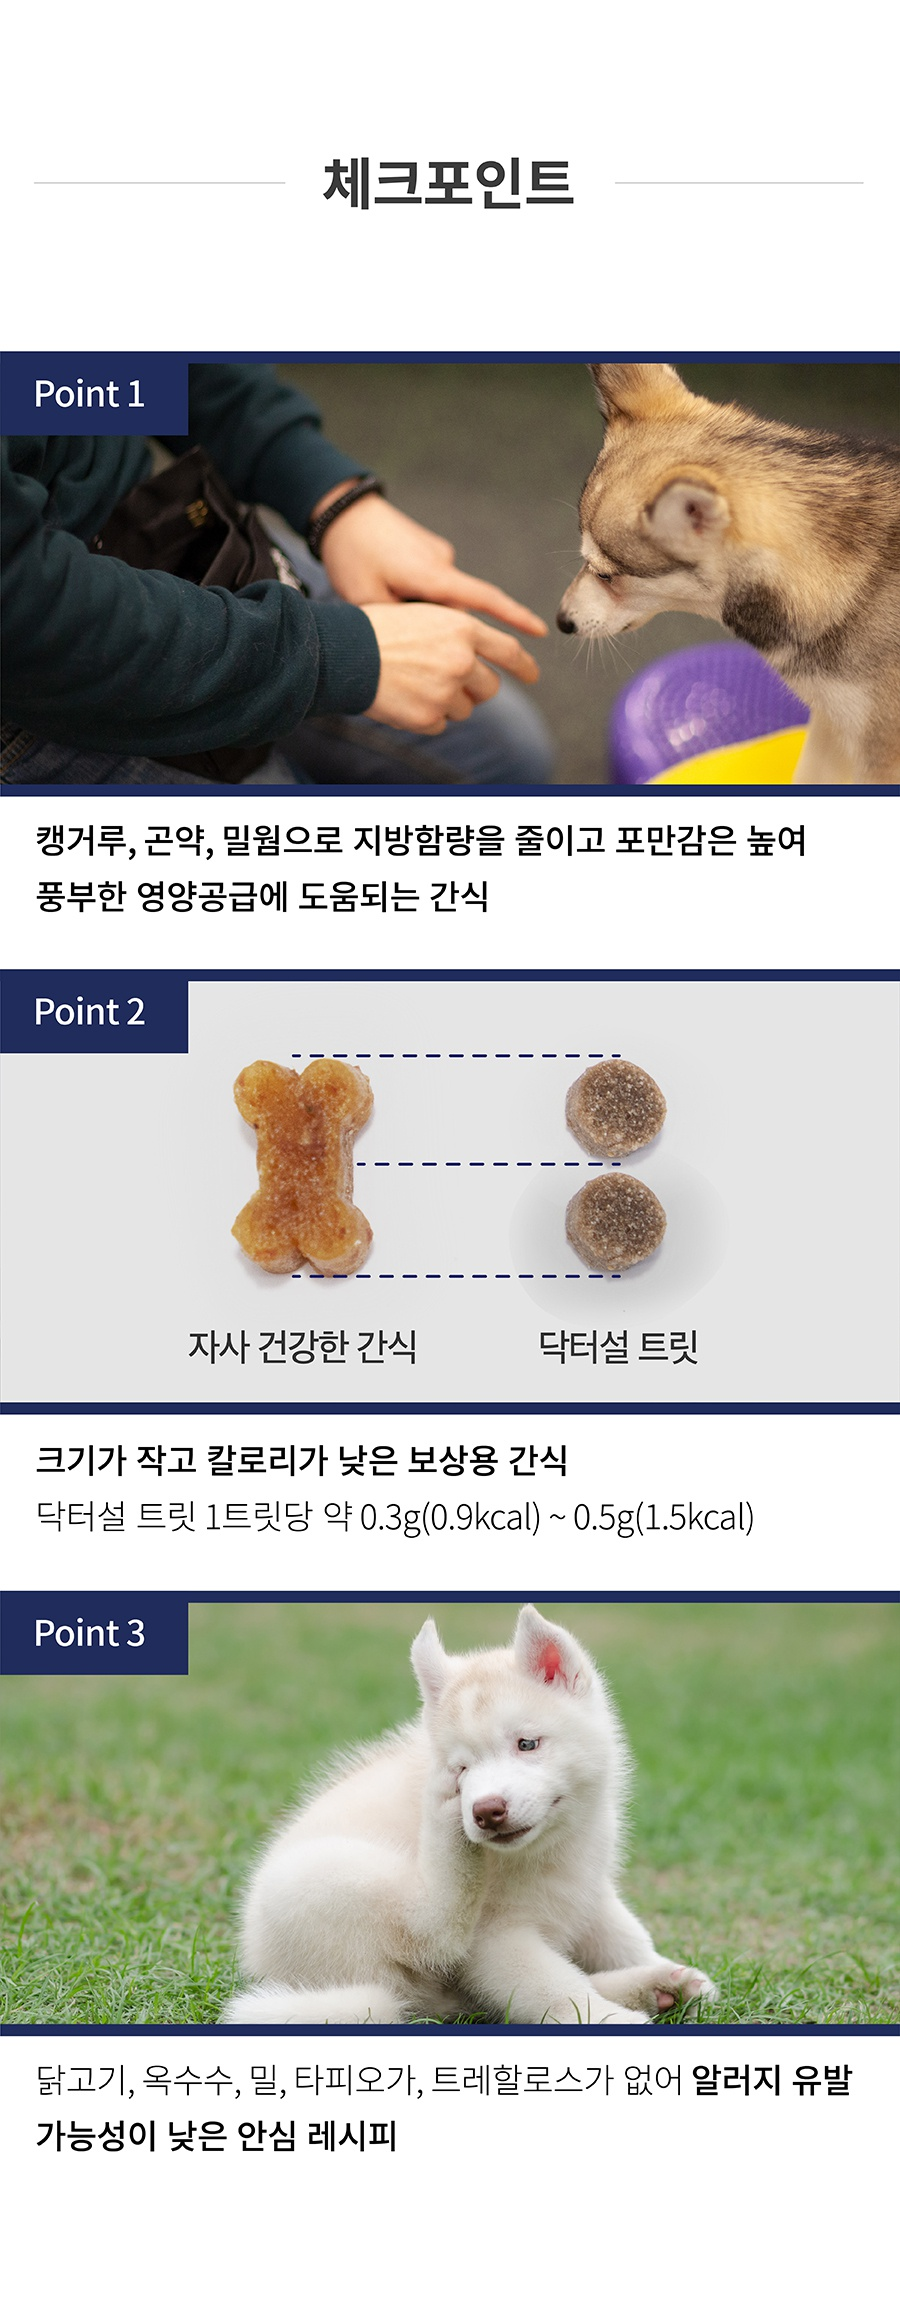 [오구오구특가]닥터설 트릿 오리지널 (6개세트)-상품이미지-6